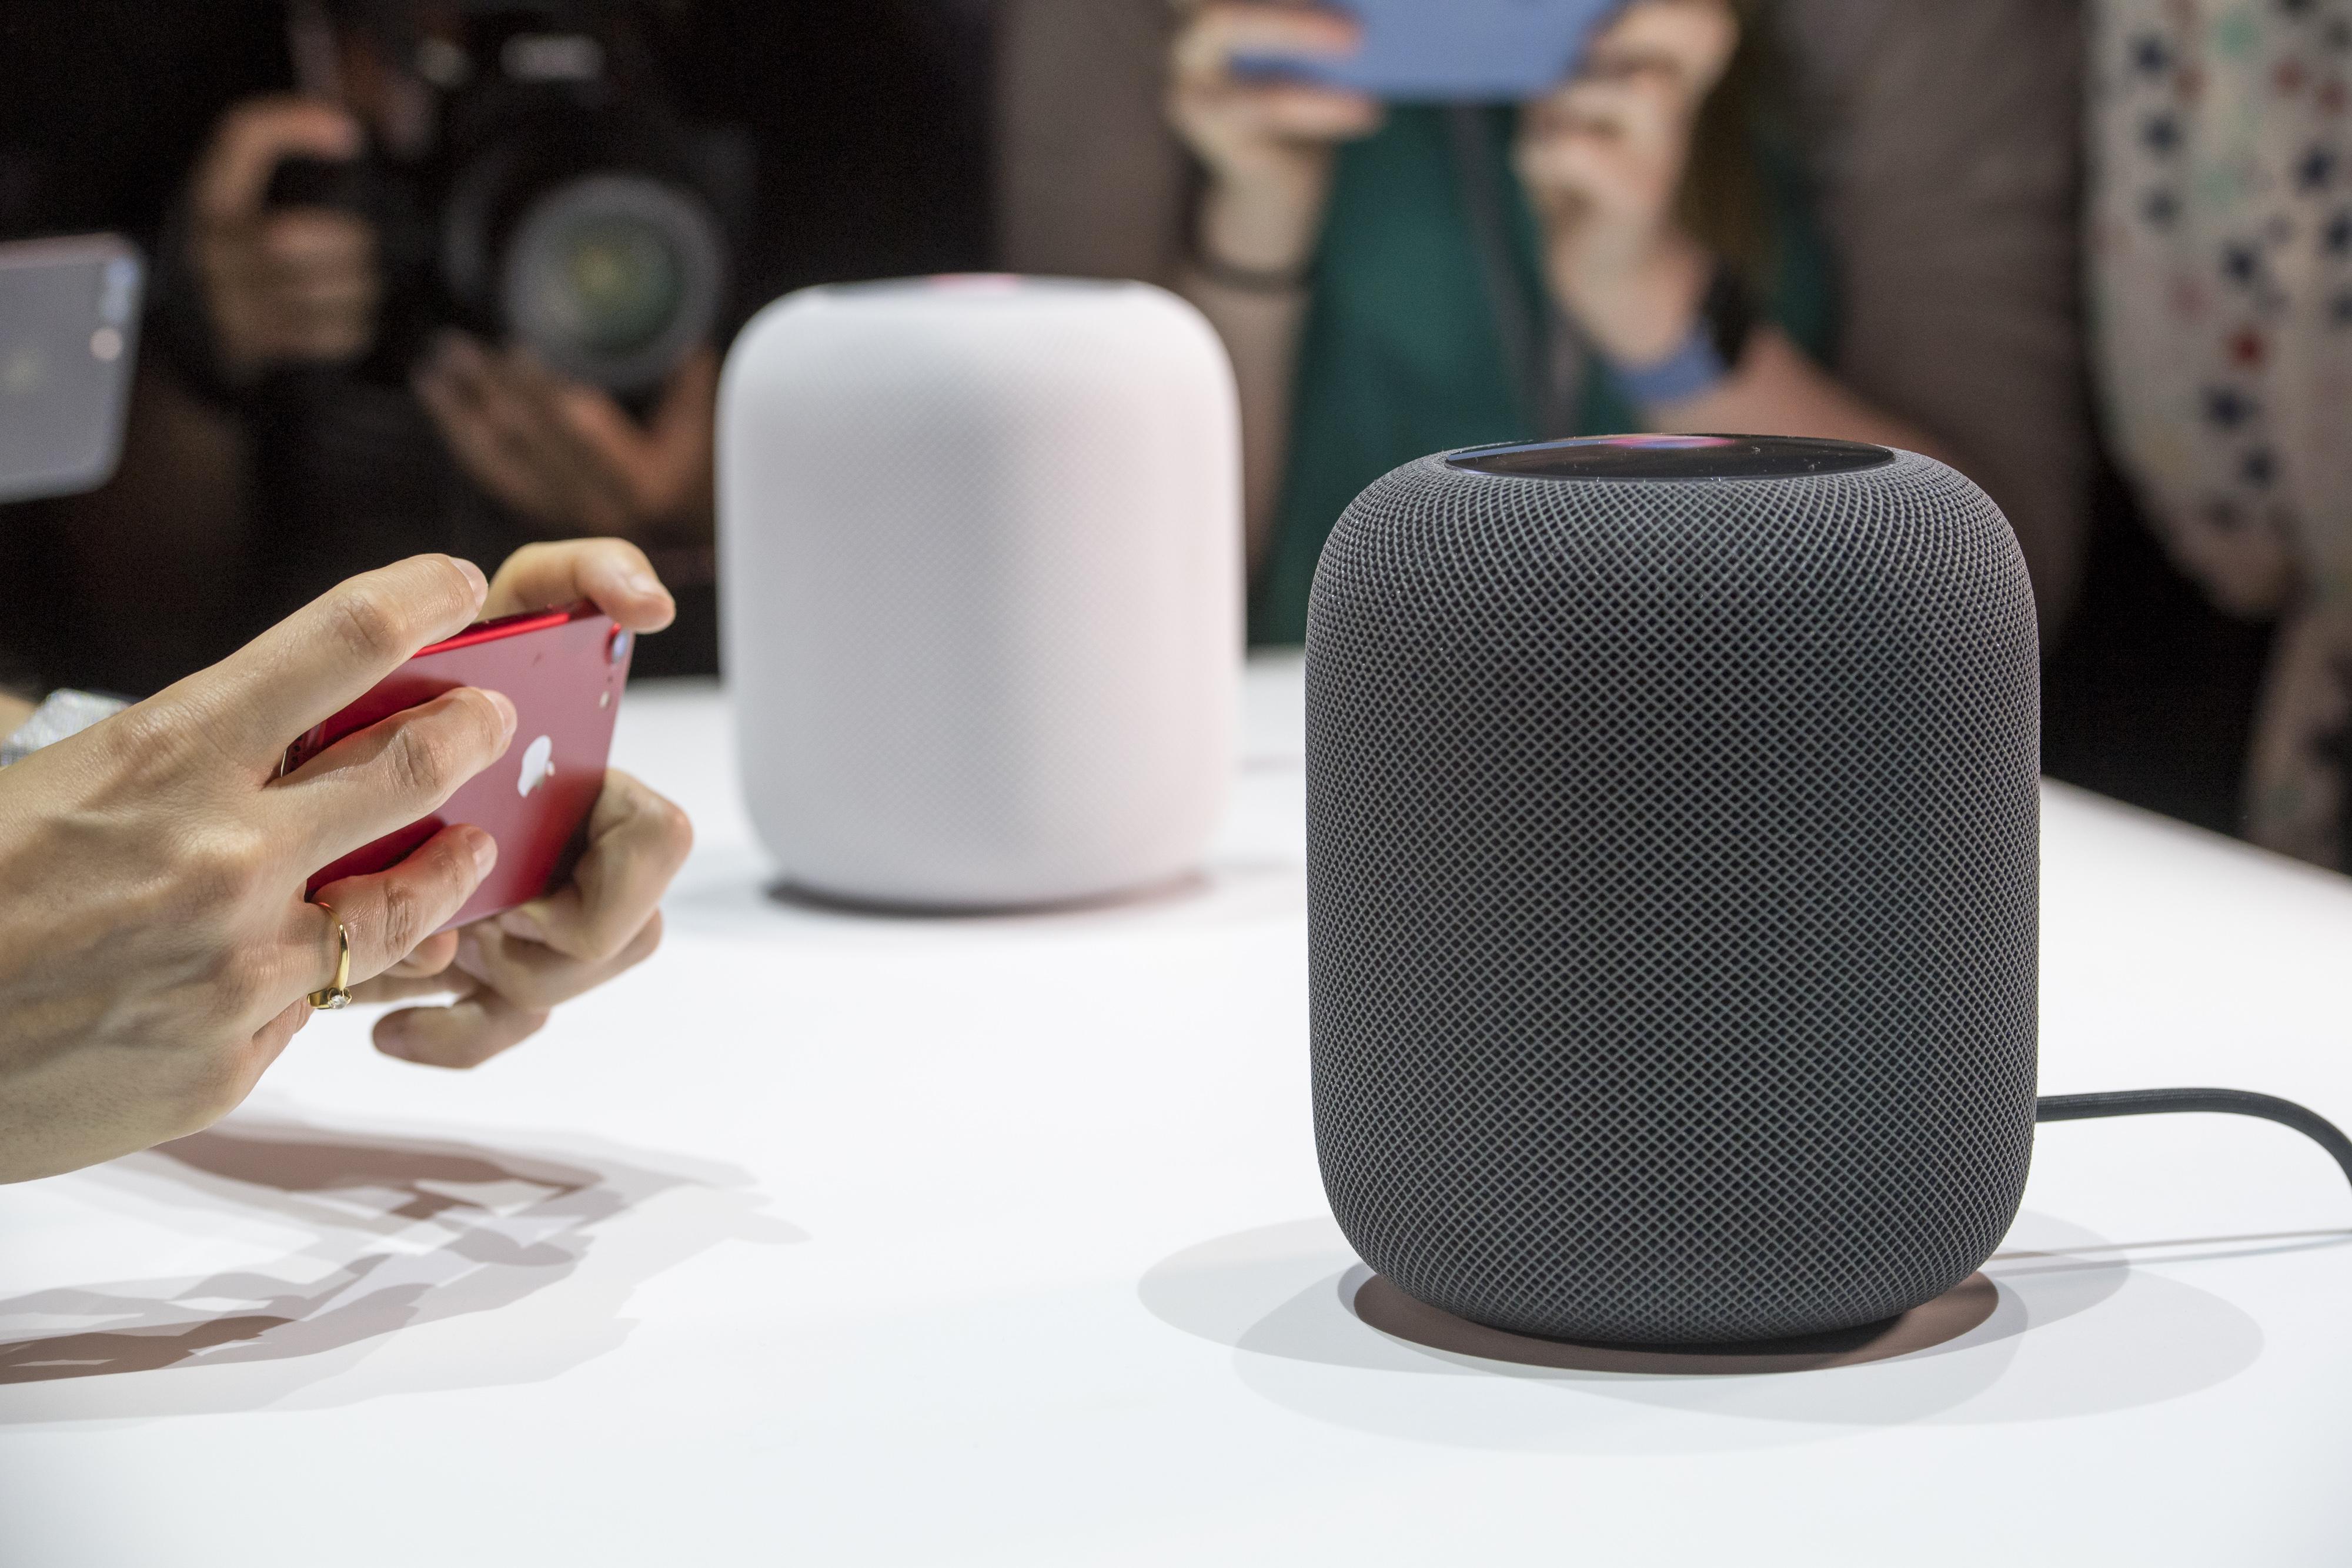 Pametni zvočnik Apple HomePod ima tako prednosti kot slabosti!